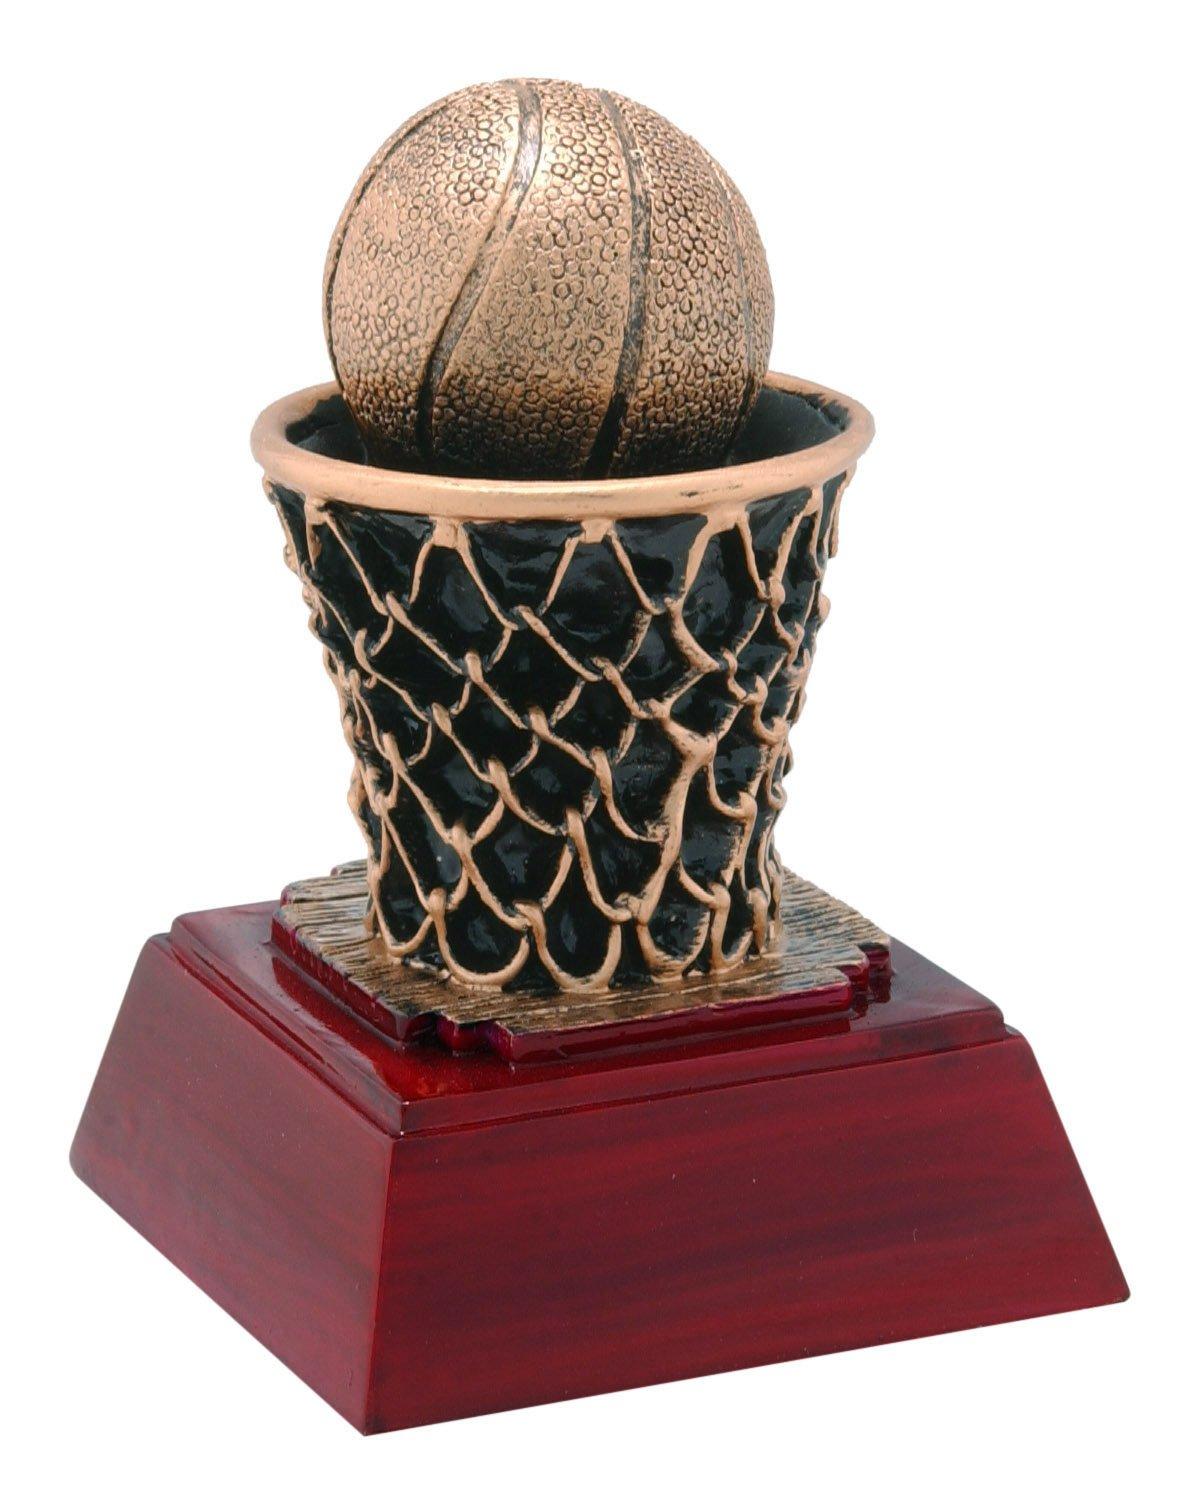 バスケットボールSculptured Trophy – カスタマイズNow – Personalized Engraved Plate Included & Attached to award – PerfectバスケットボールAward Trophy B074CPDRXS